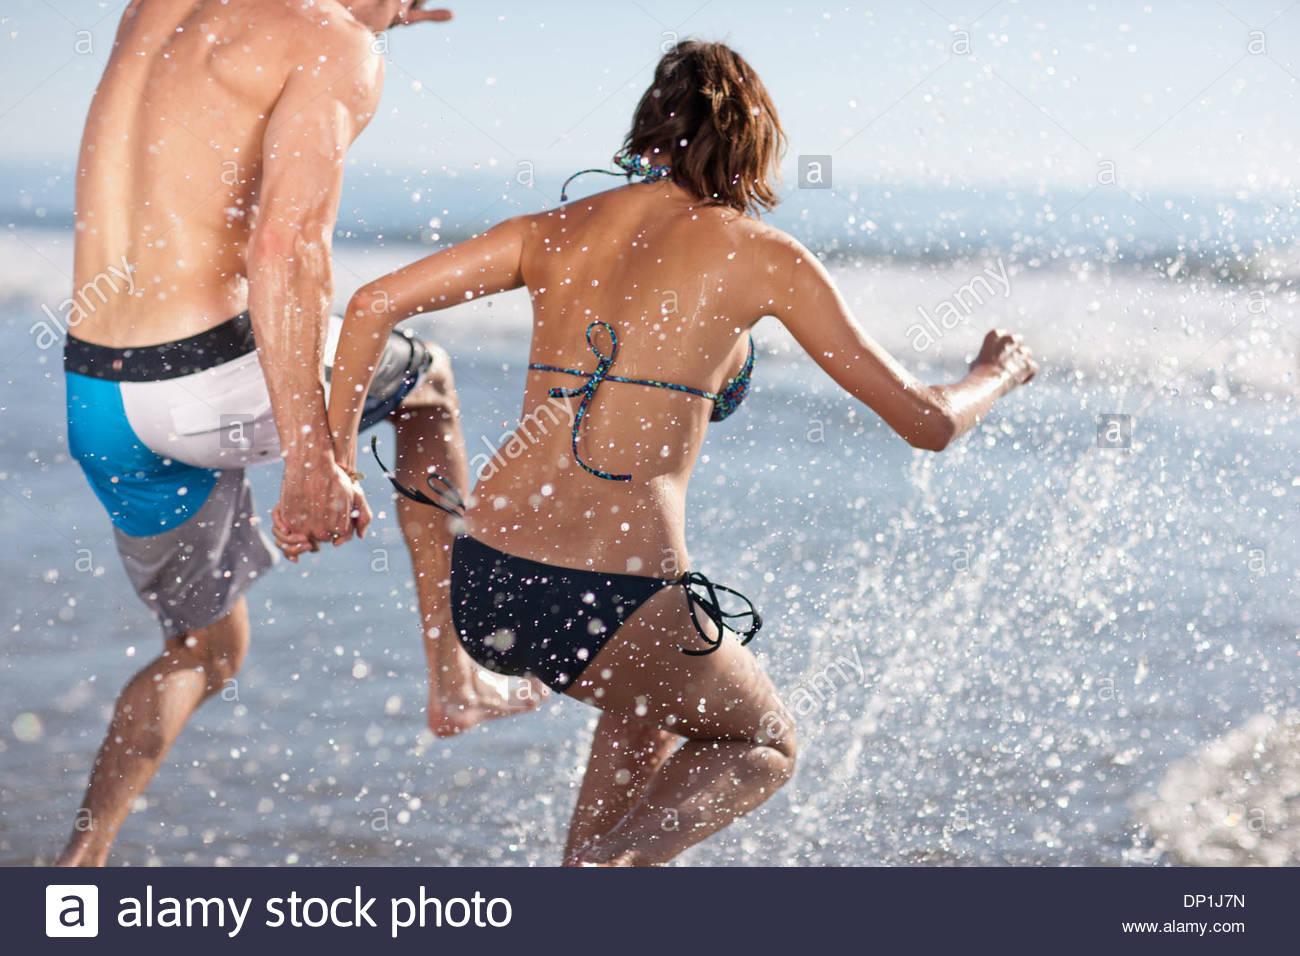 Par jugando en las olas en la playa Imagen De Stock